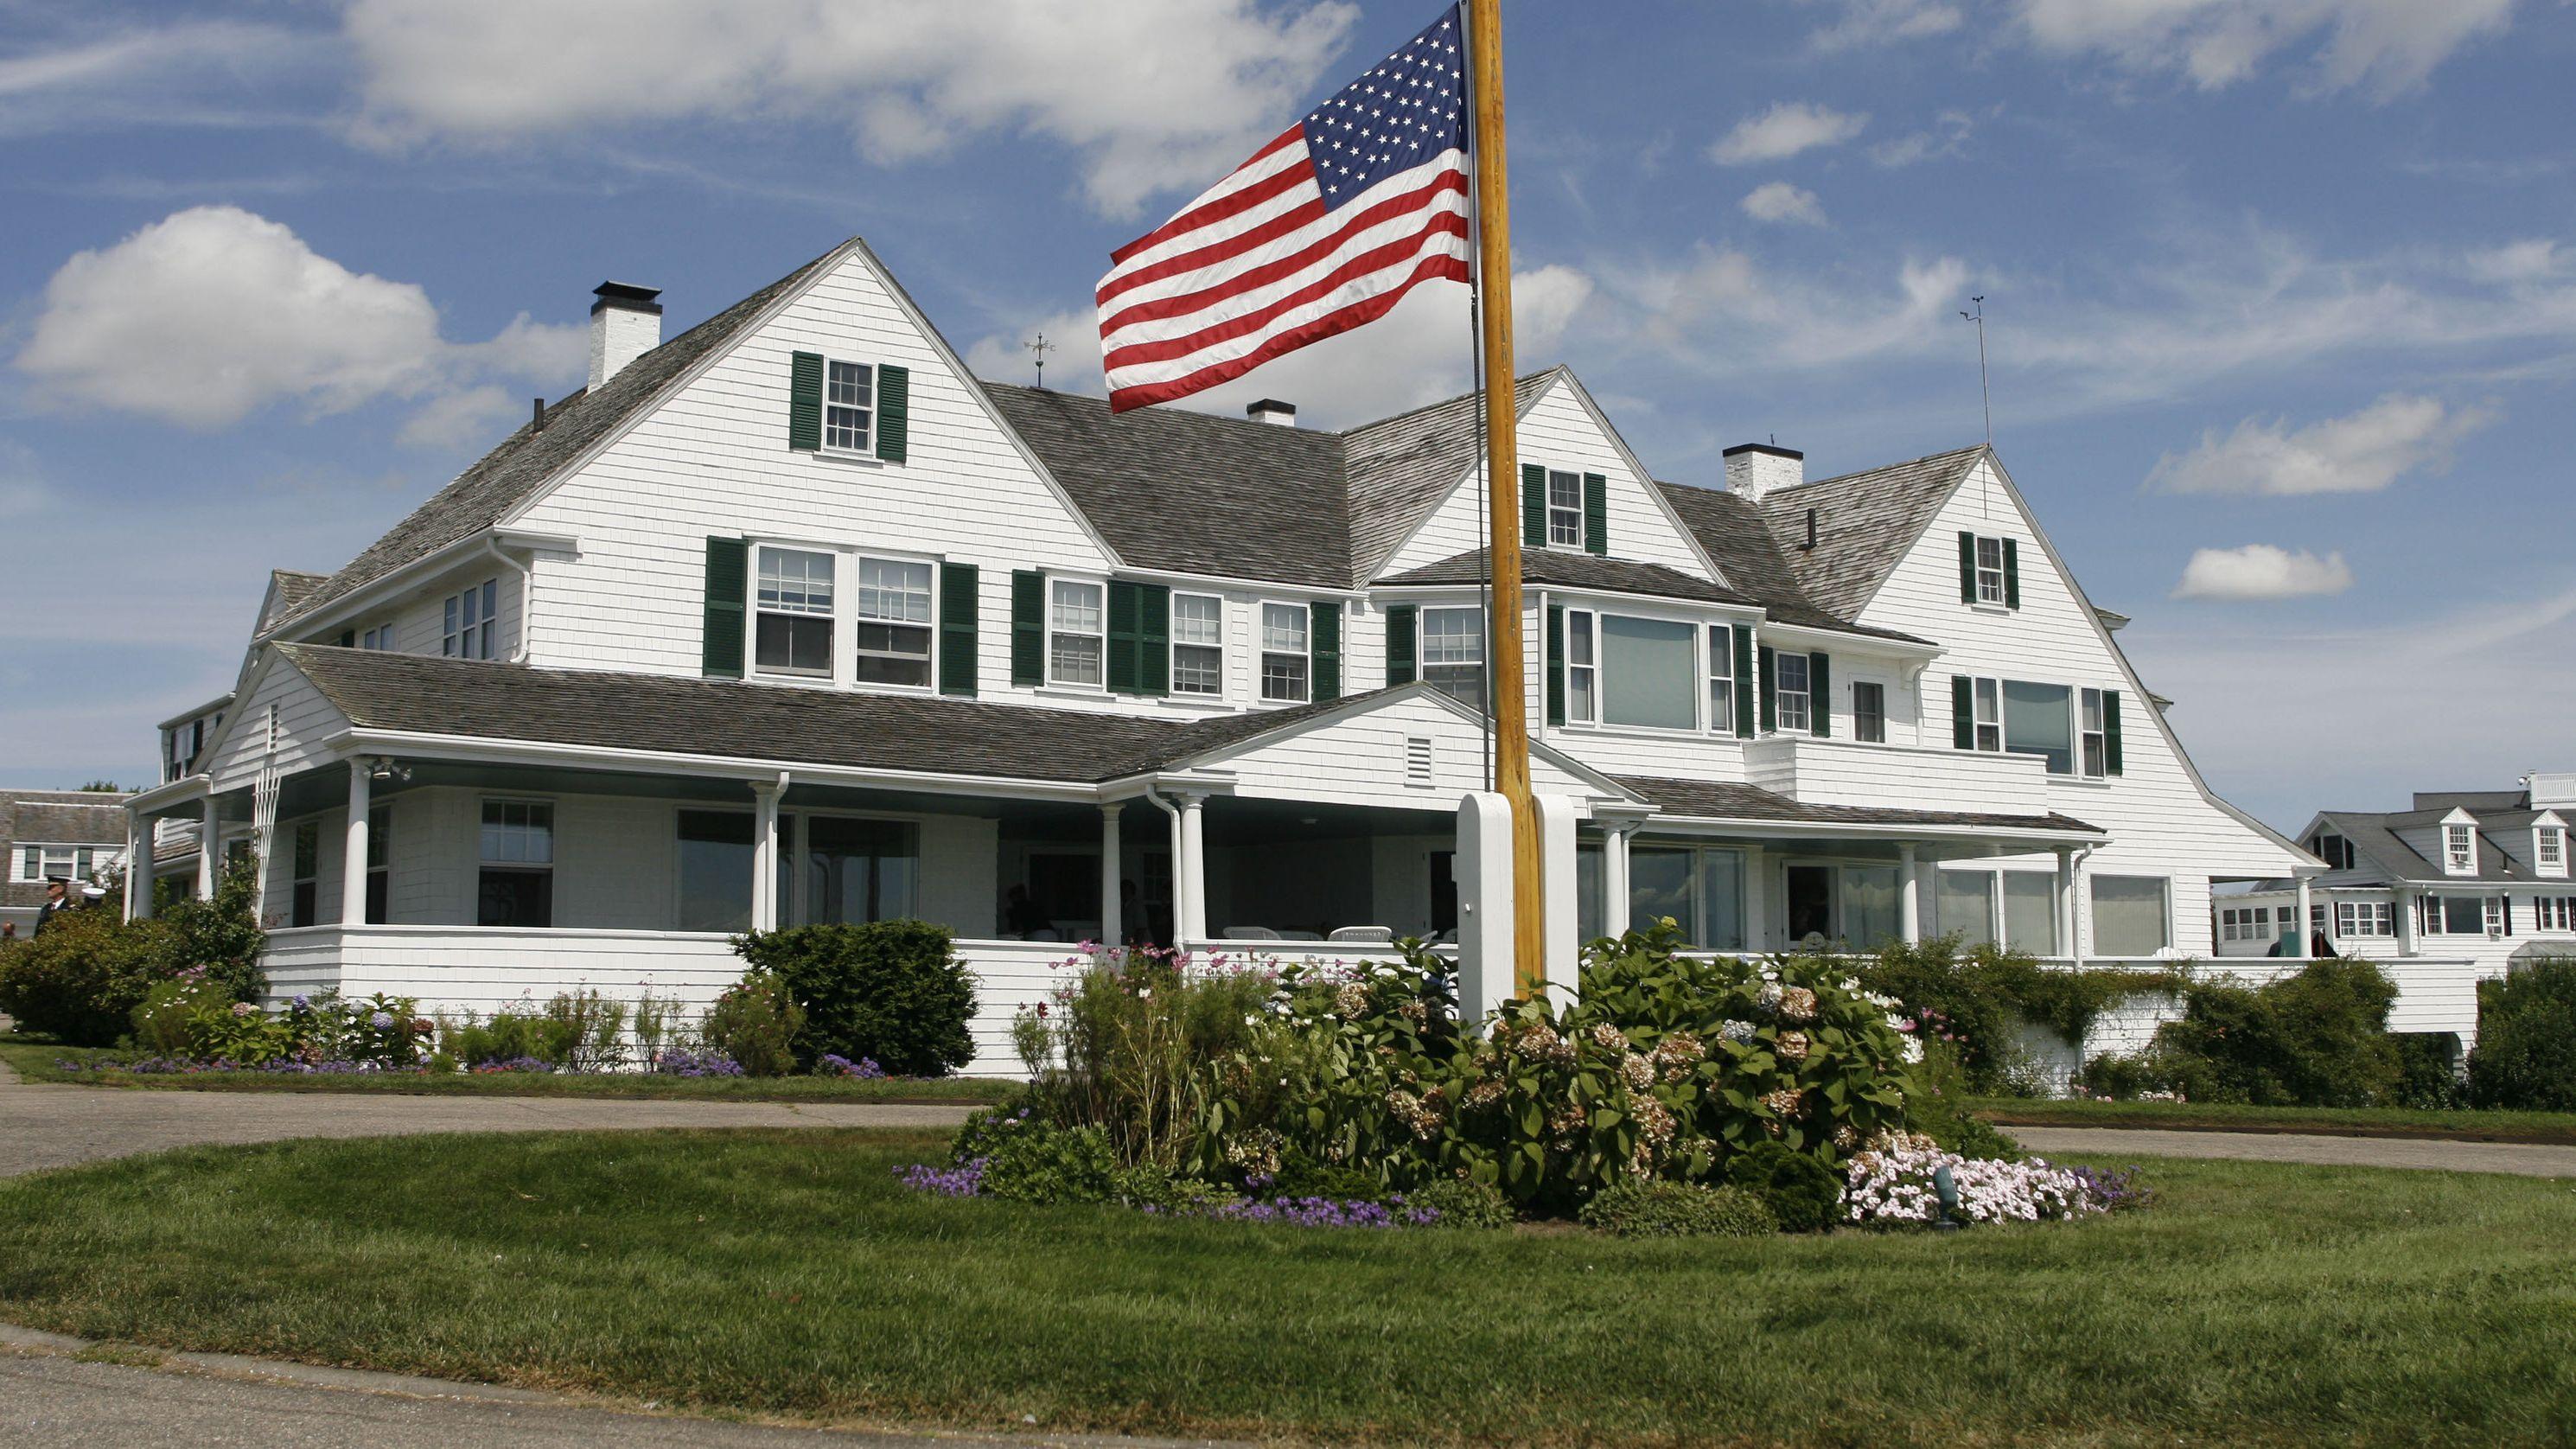 Archivbild: Das Haus auf dem Gelände der Familie Kennedy.